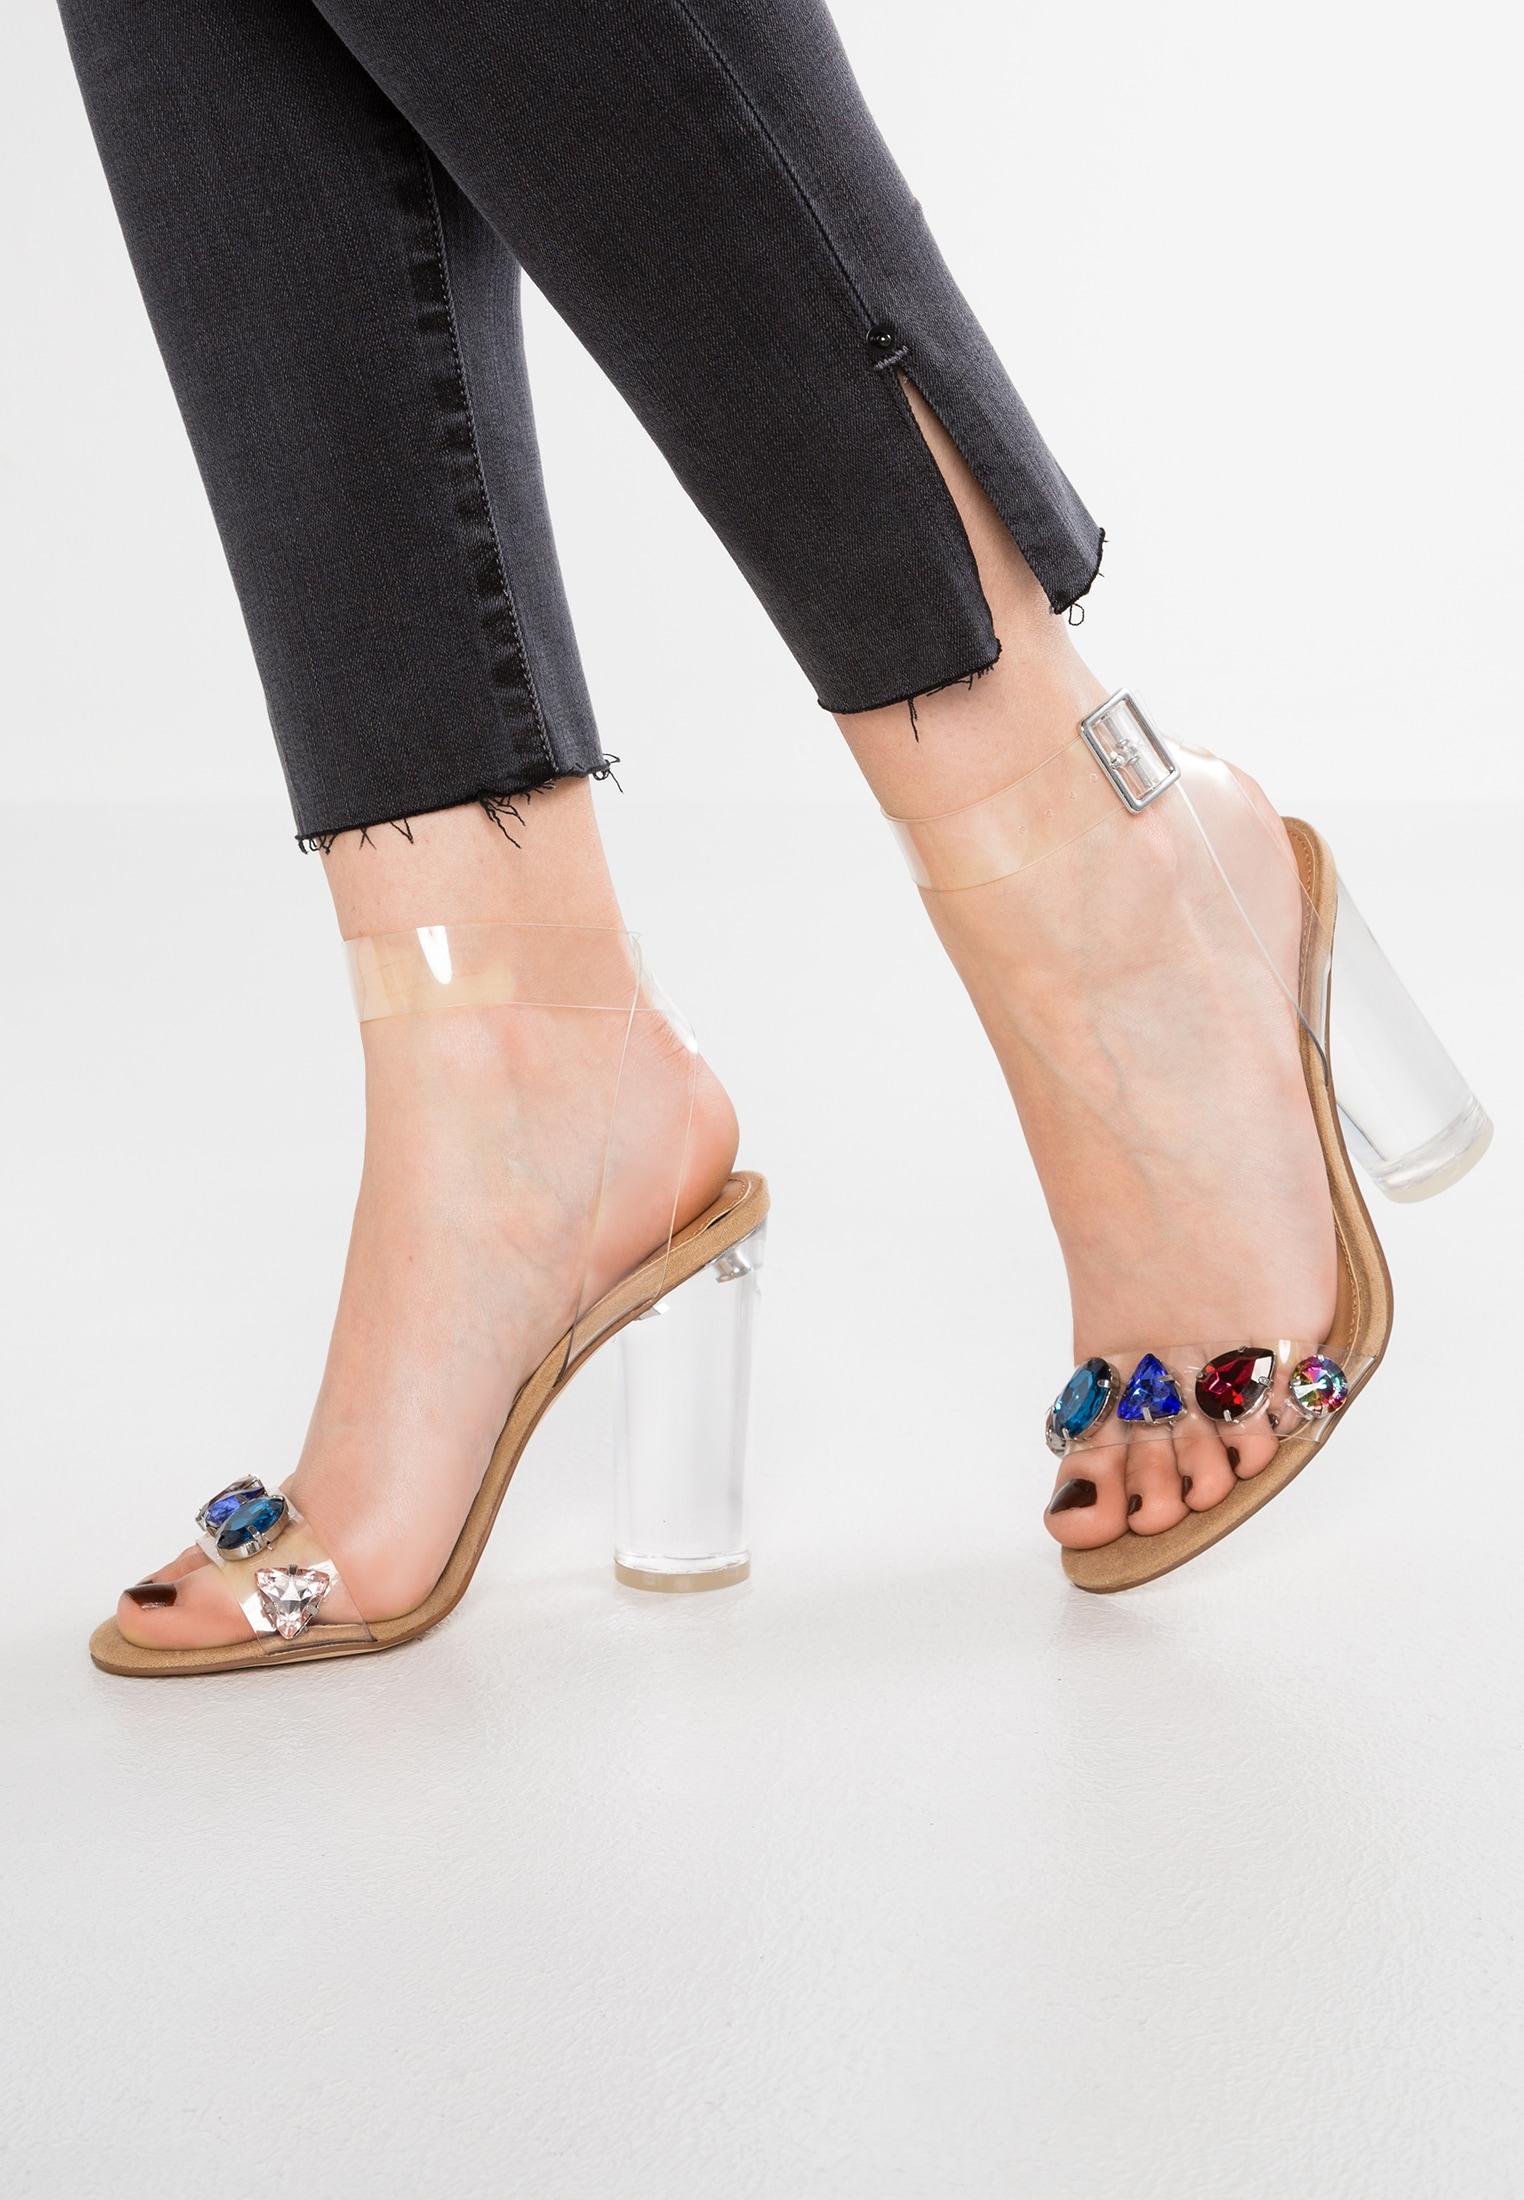 moderne Sandaletten Absatz transparent Sommer